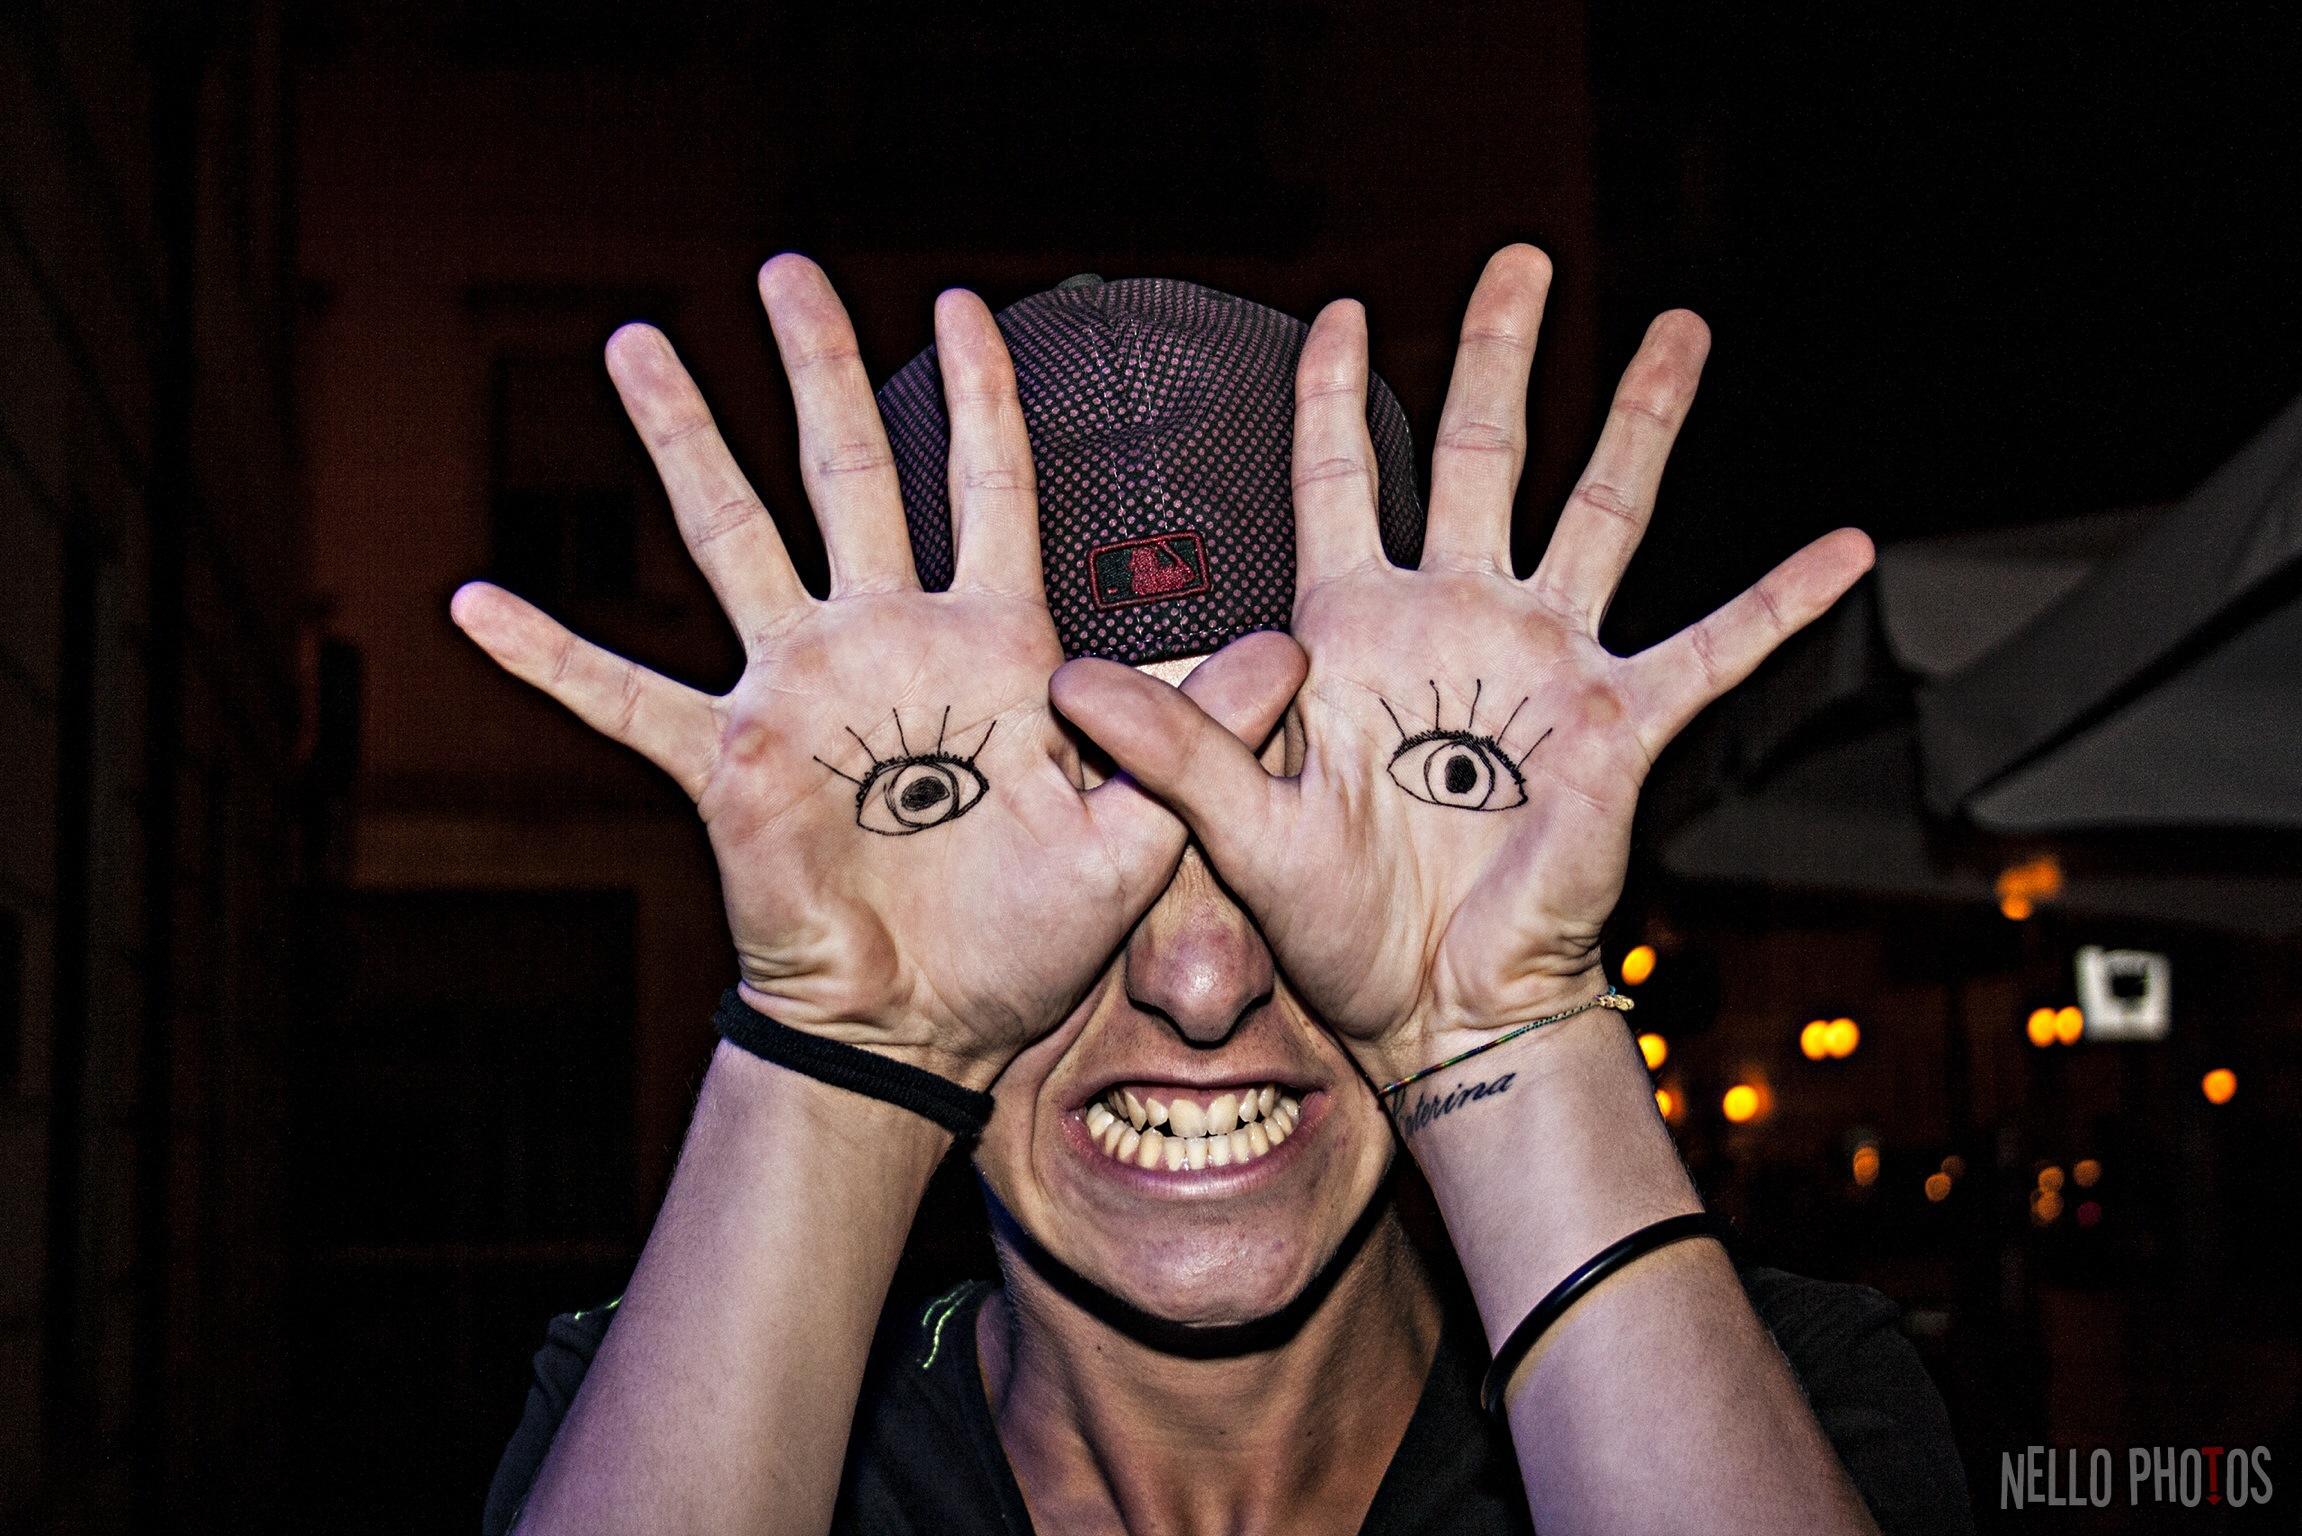 Hintergrundbilder : Gesicht, Menschen, Porträt, Hände, Augen, Nacht ...